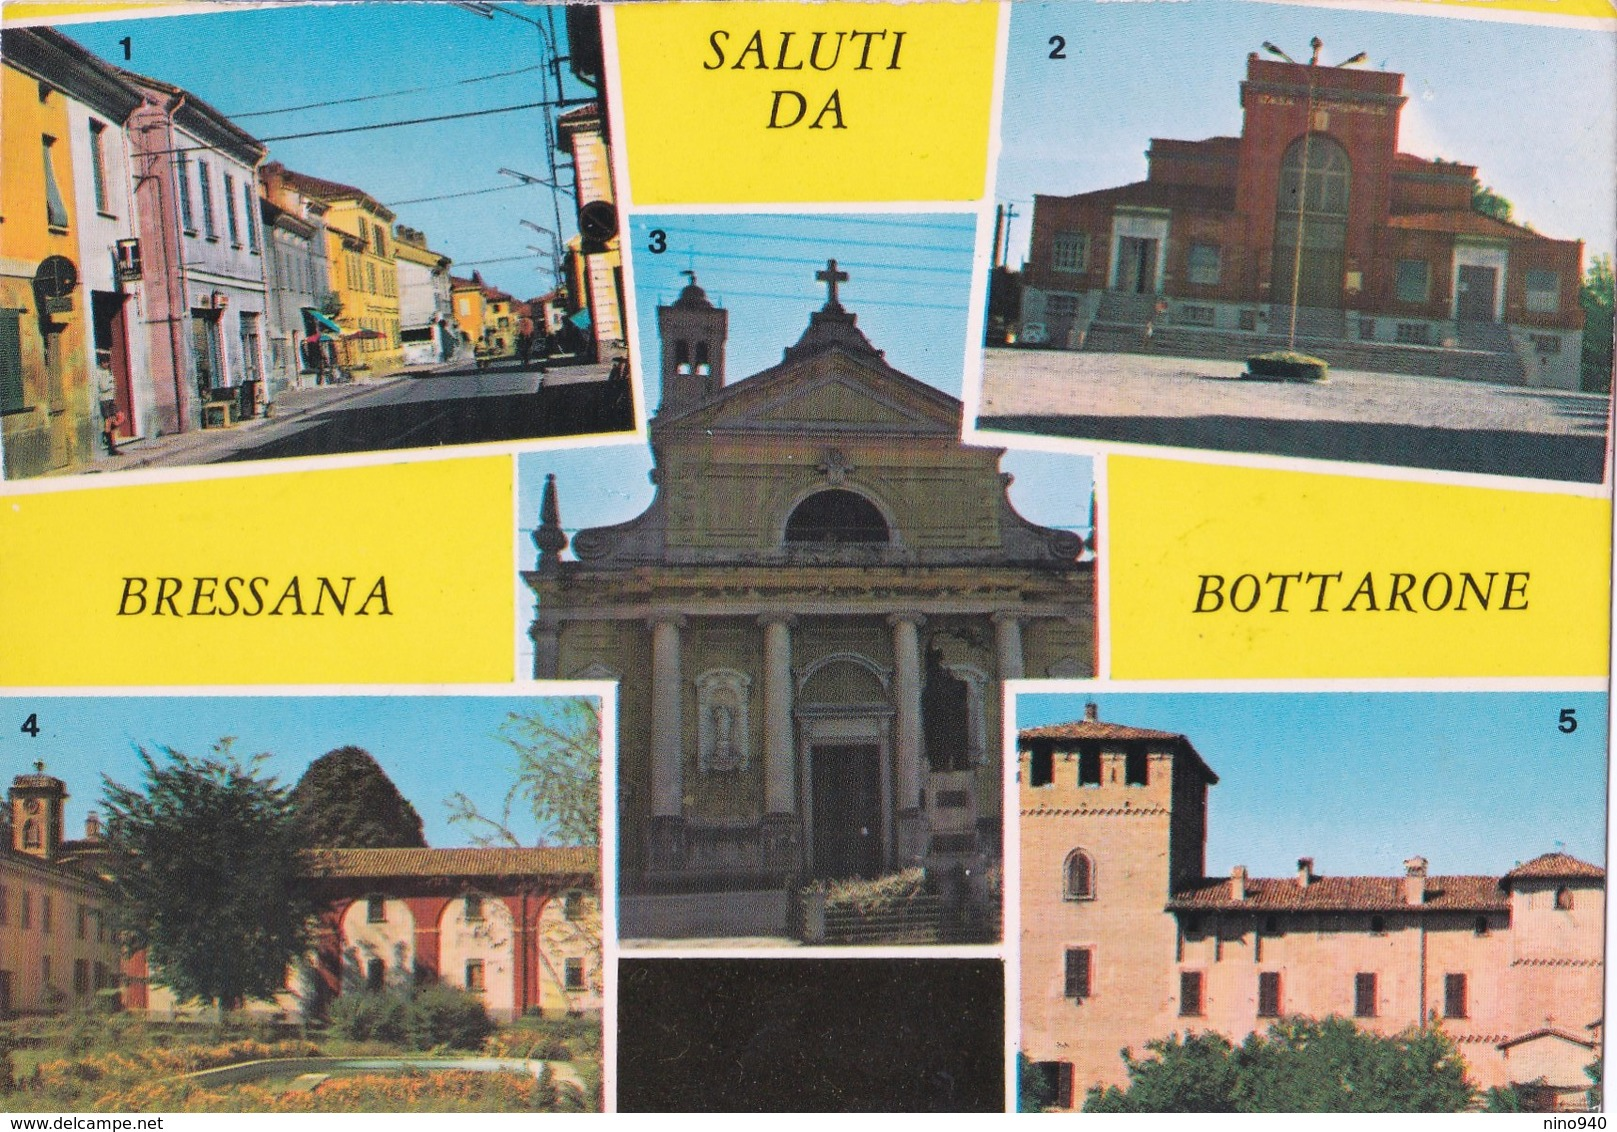 SALUTI DA BRESSANA BOTTARONE (PV) - VEDUTINE - F/G - V: 1969 - Italie